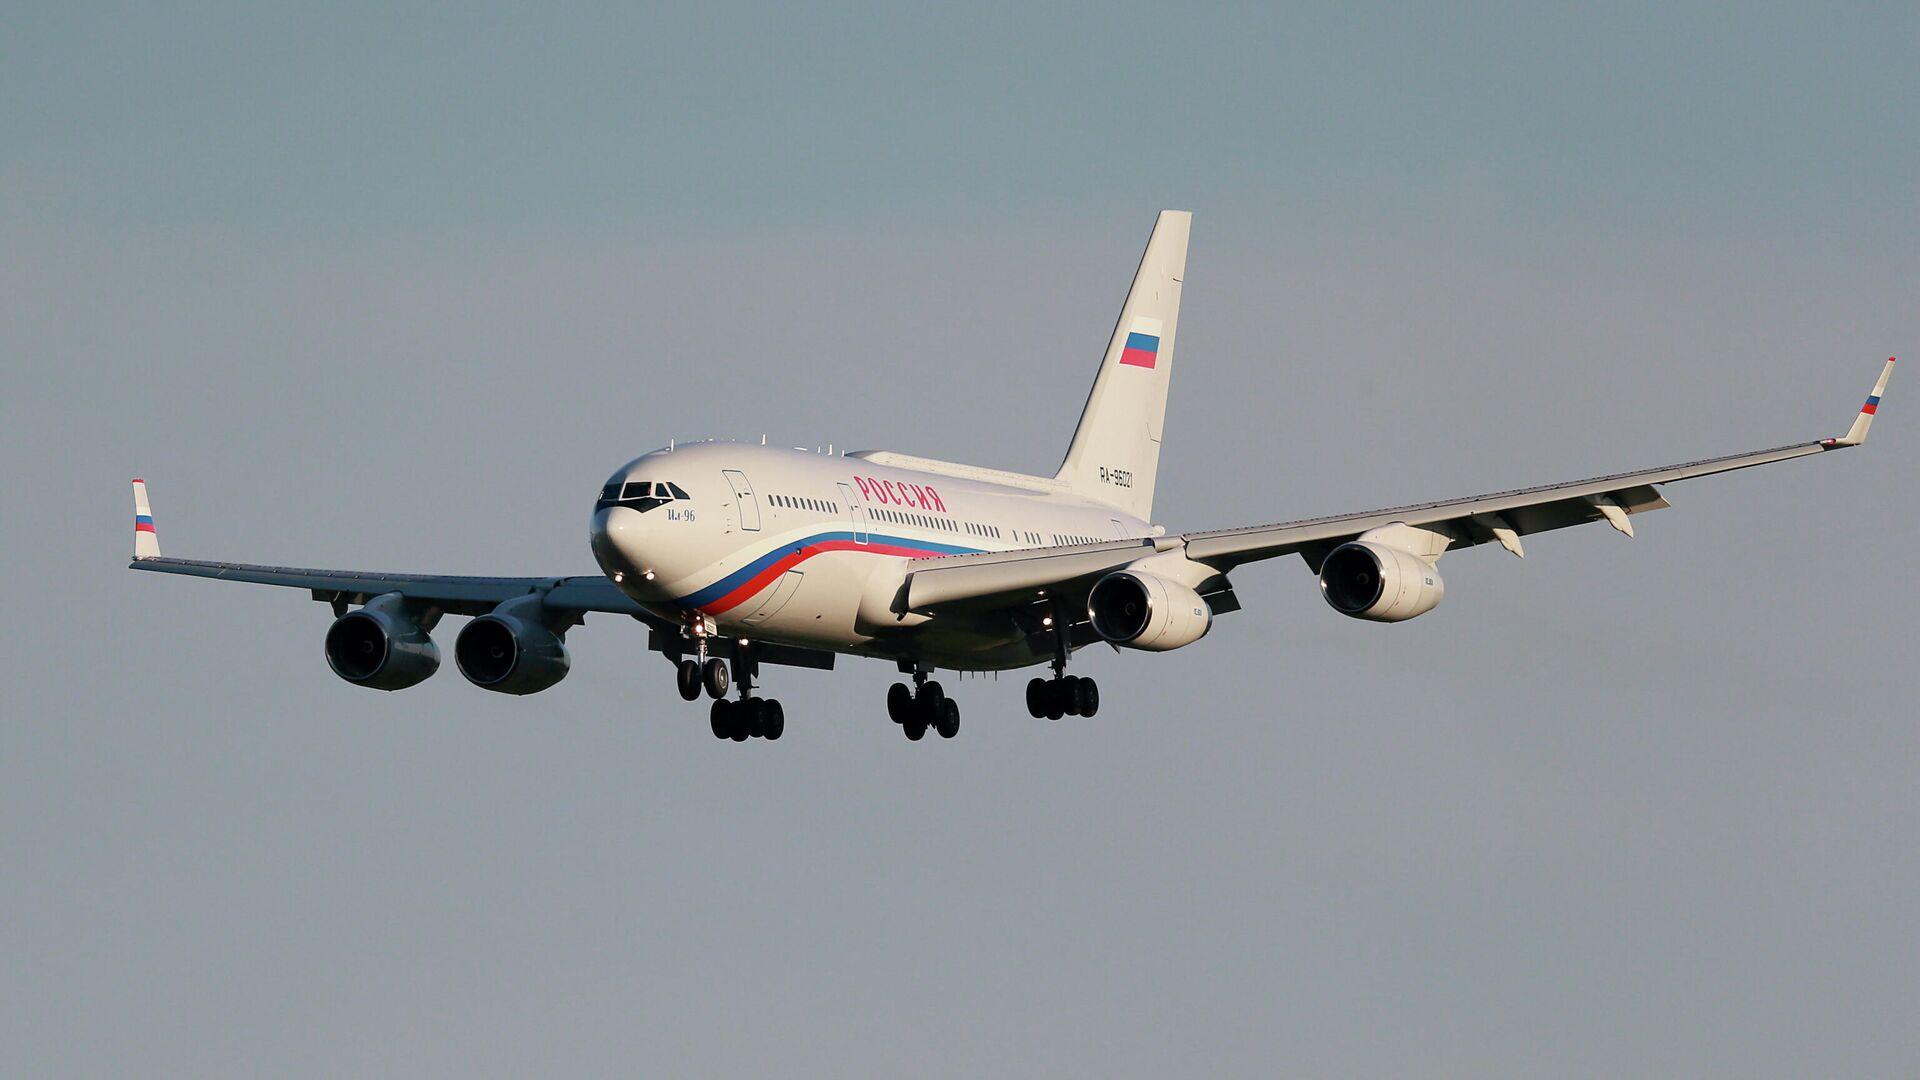 Летчик рассказал о секретах президентского самолета - РИА Новости,  13.04.2021